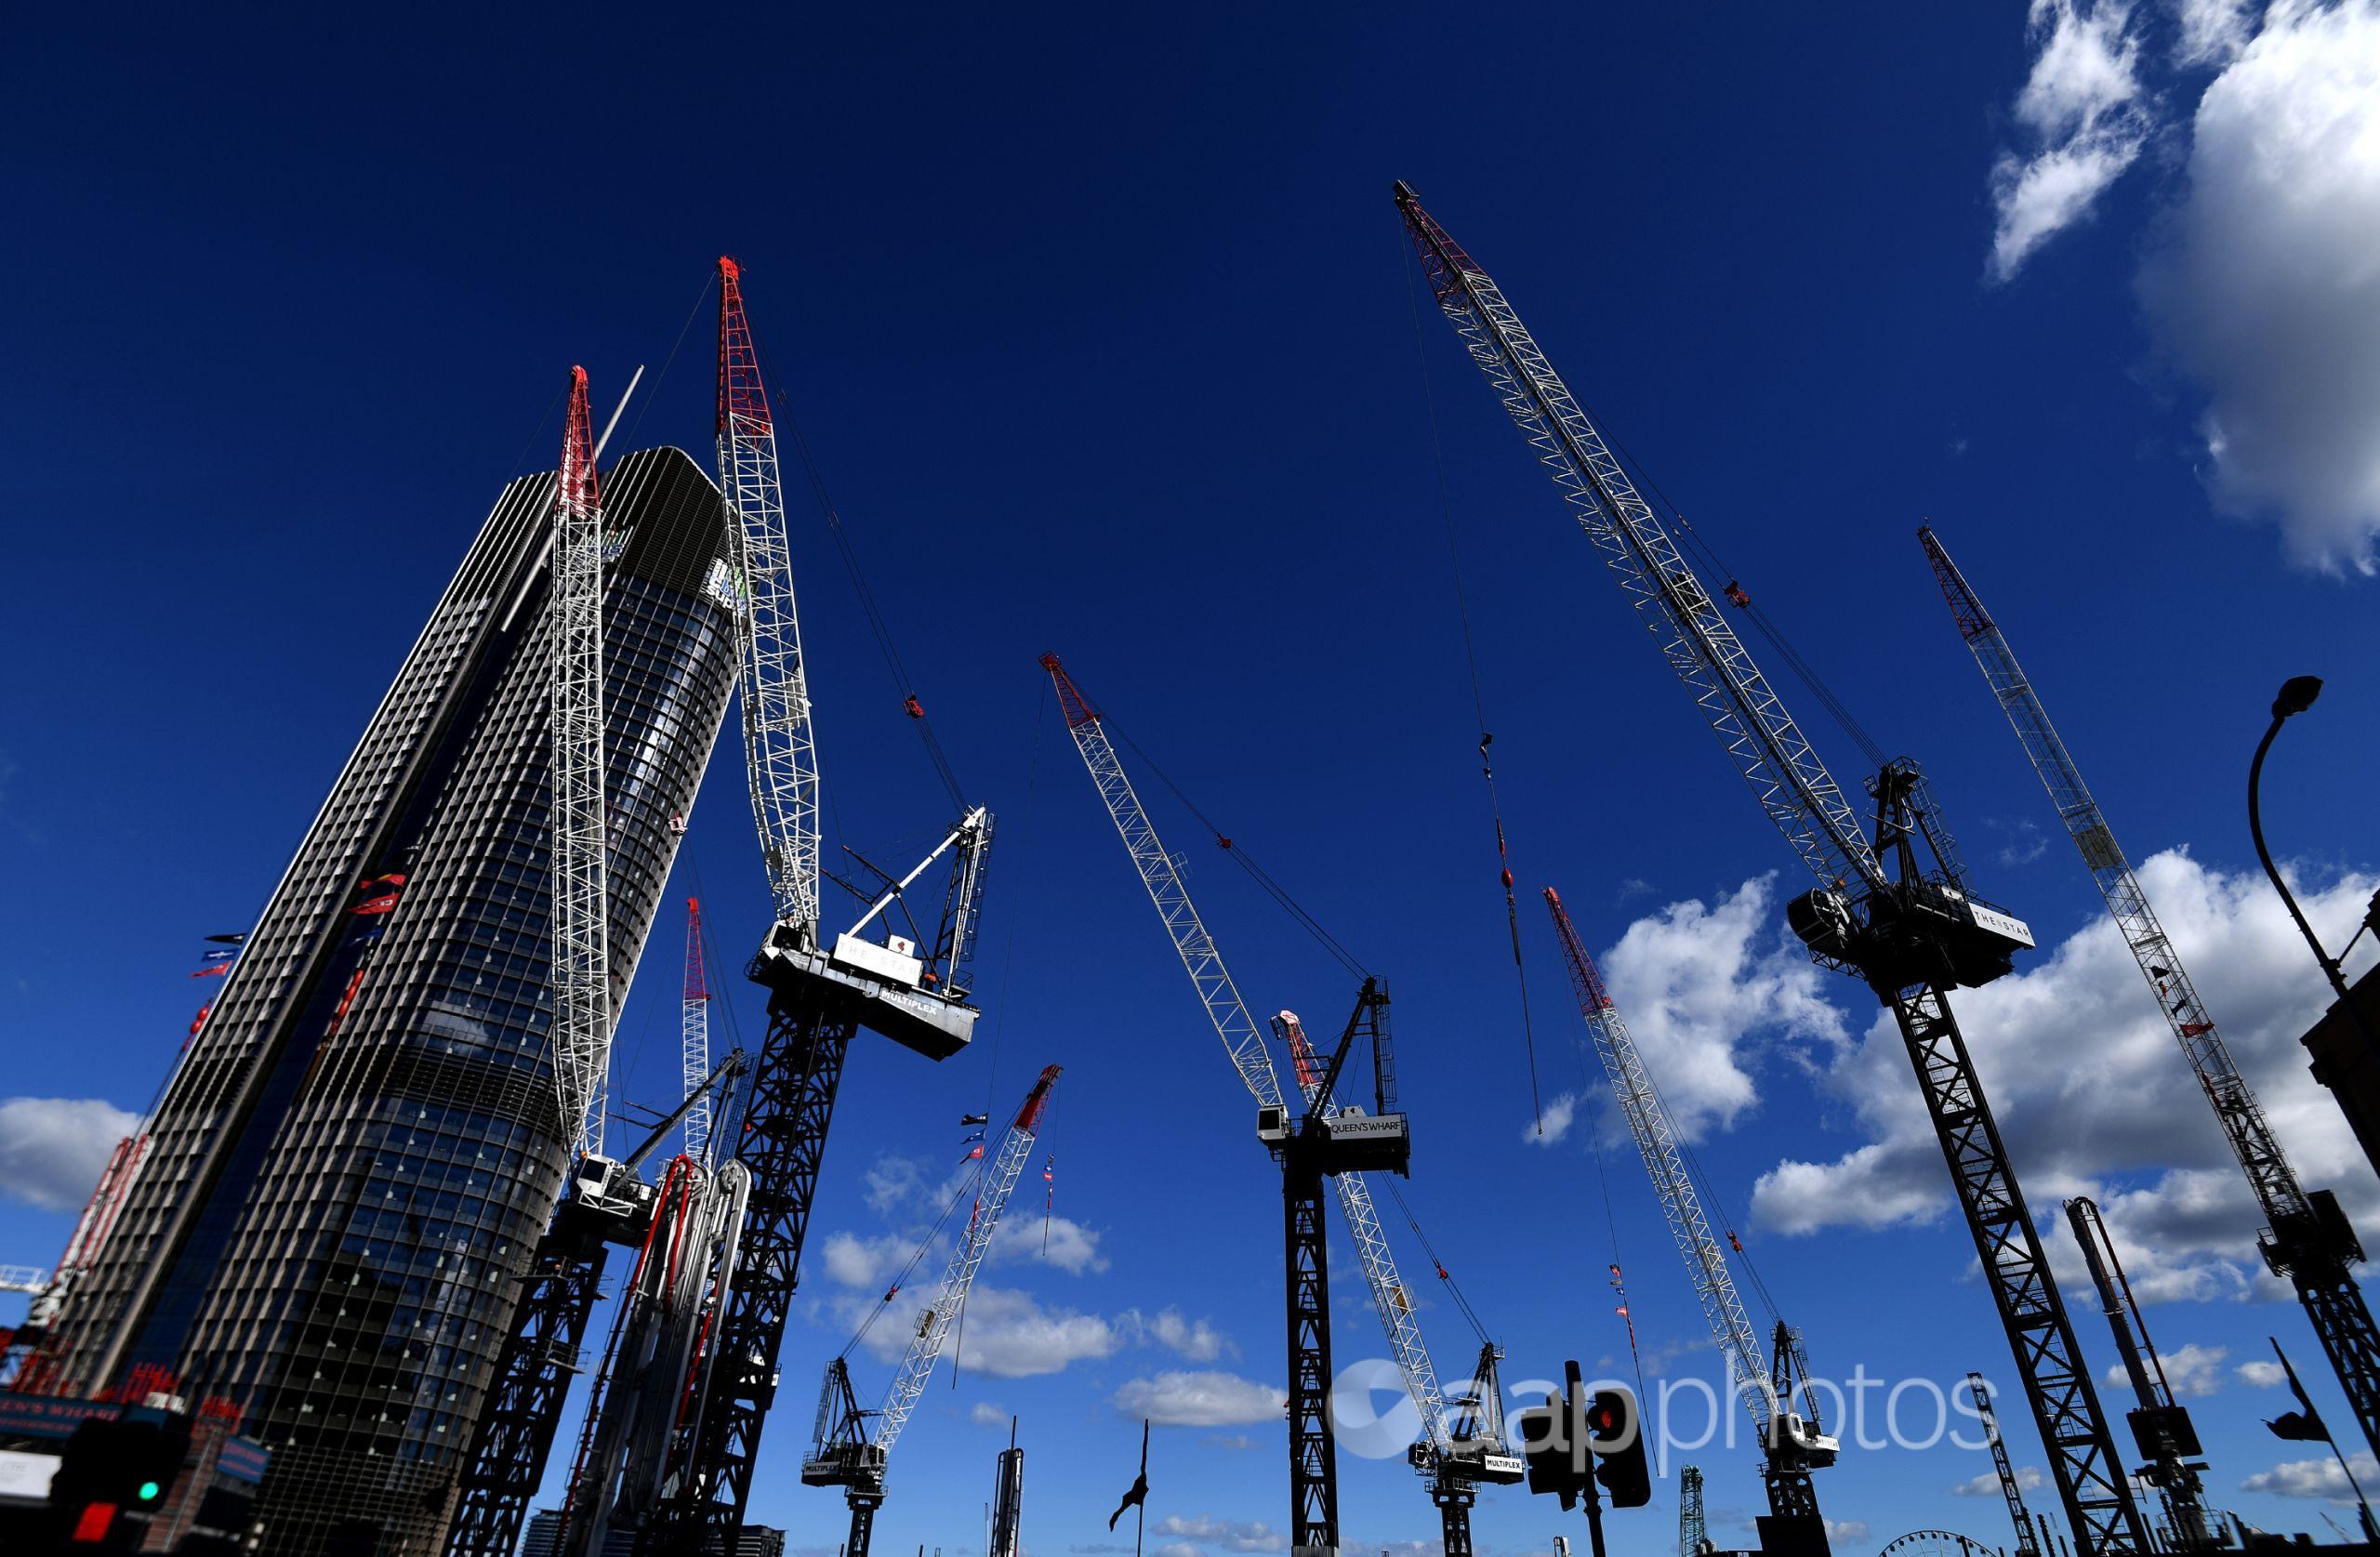 Cranes against a blue sky